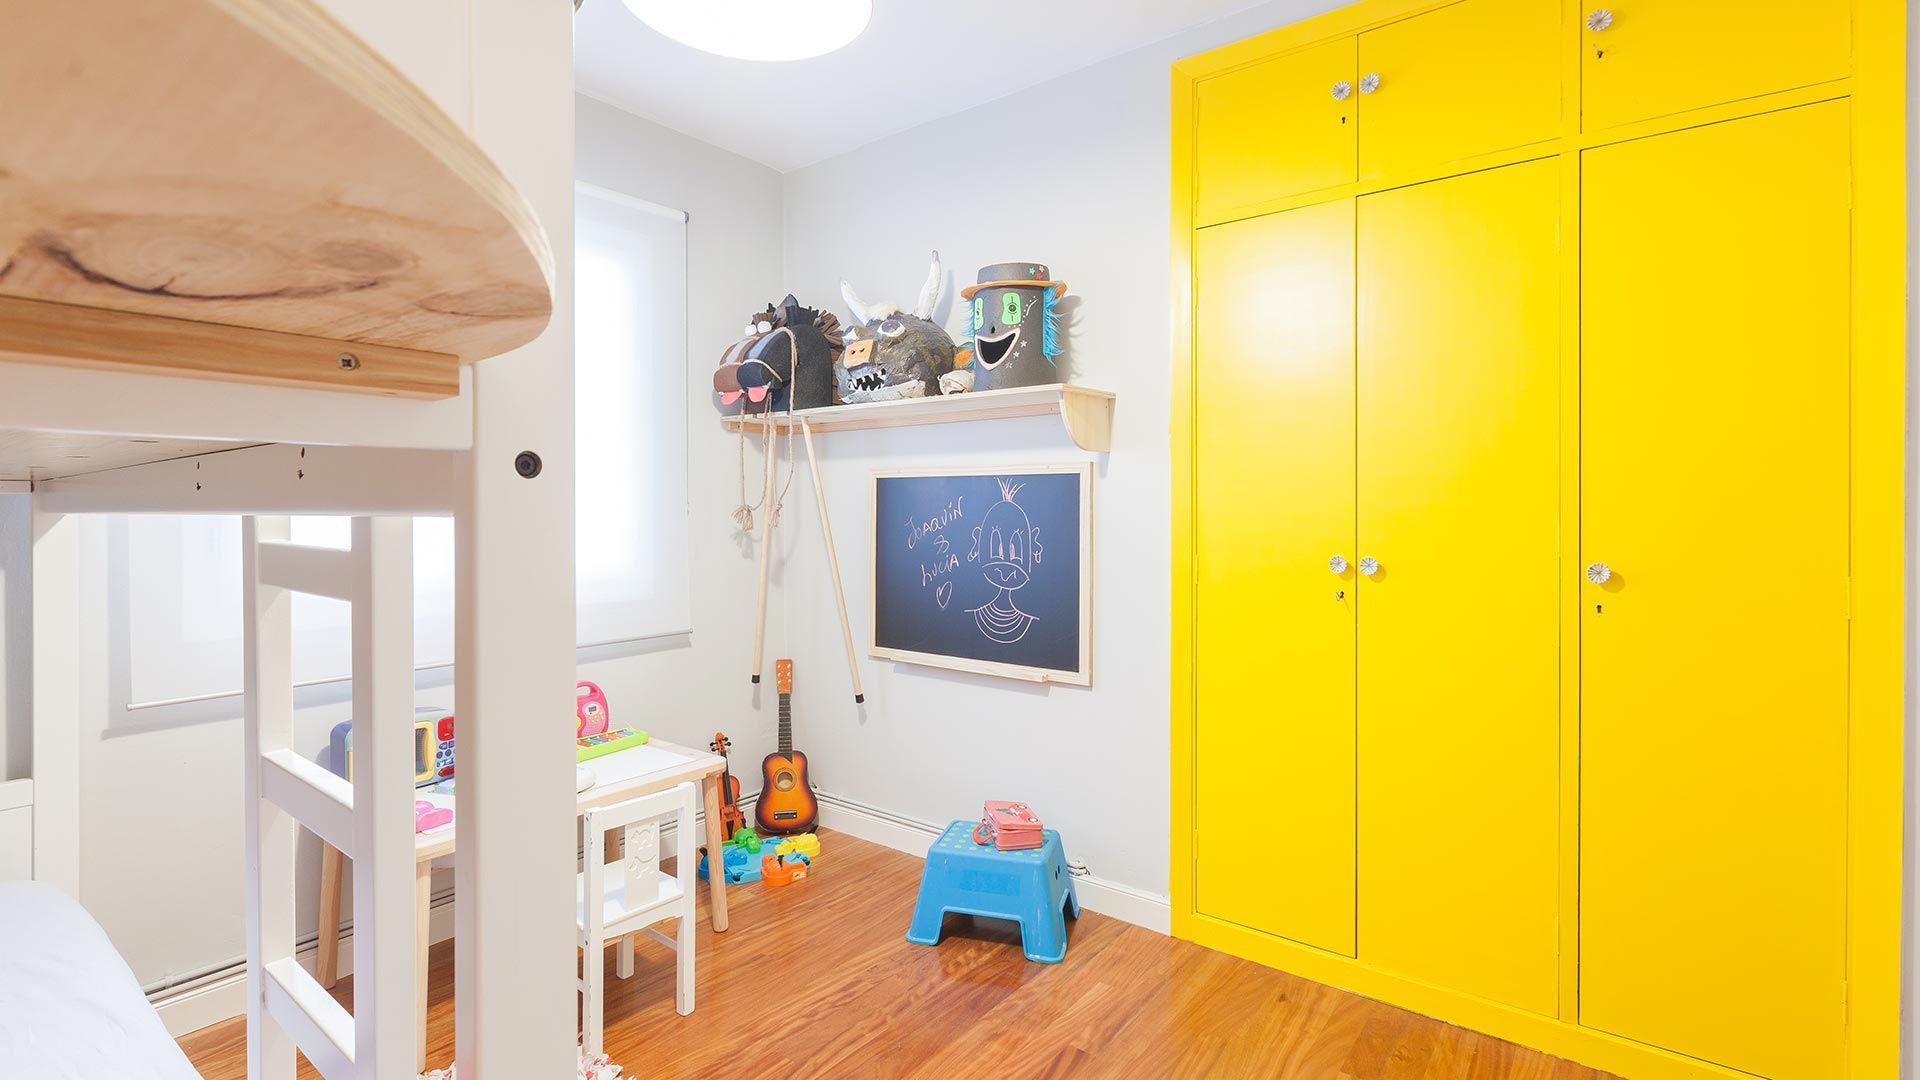 Des couleurs vives pour une armoire encastrée dans une chambre d'enfant.